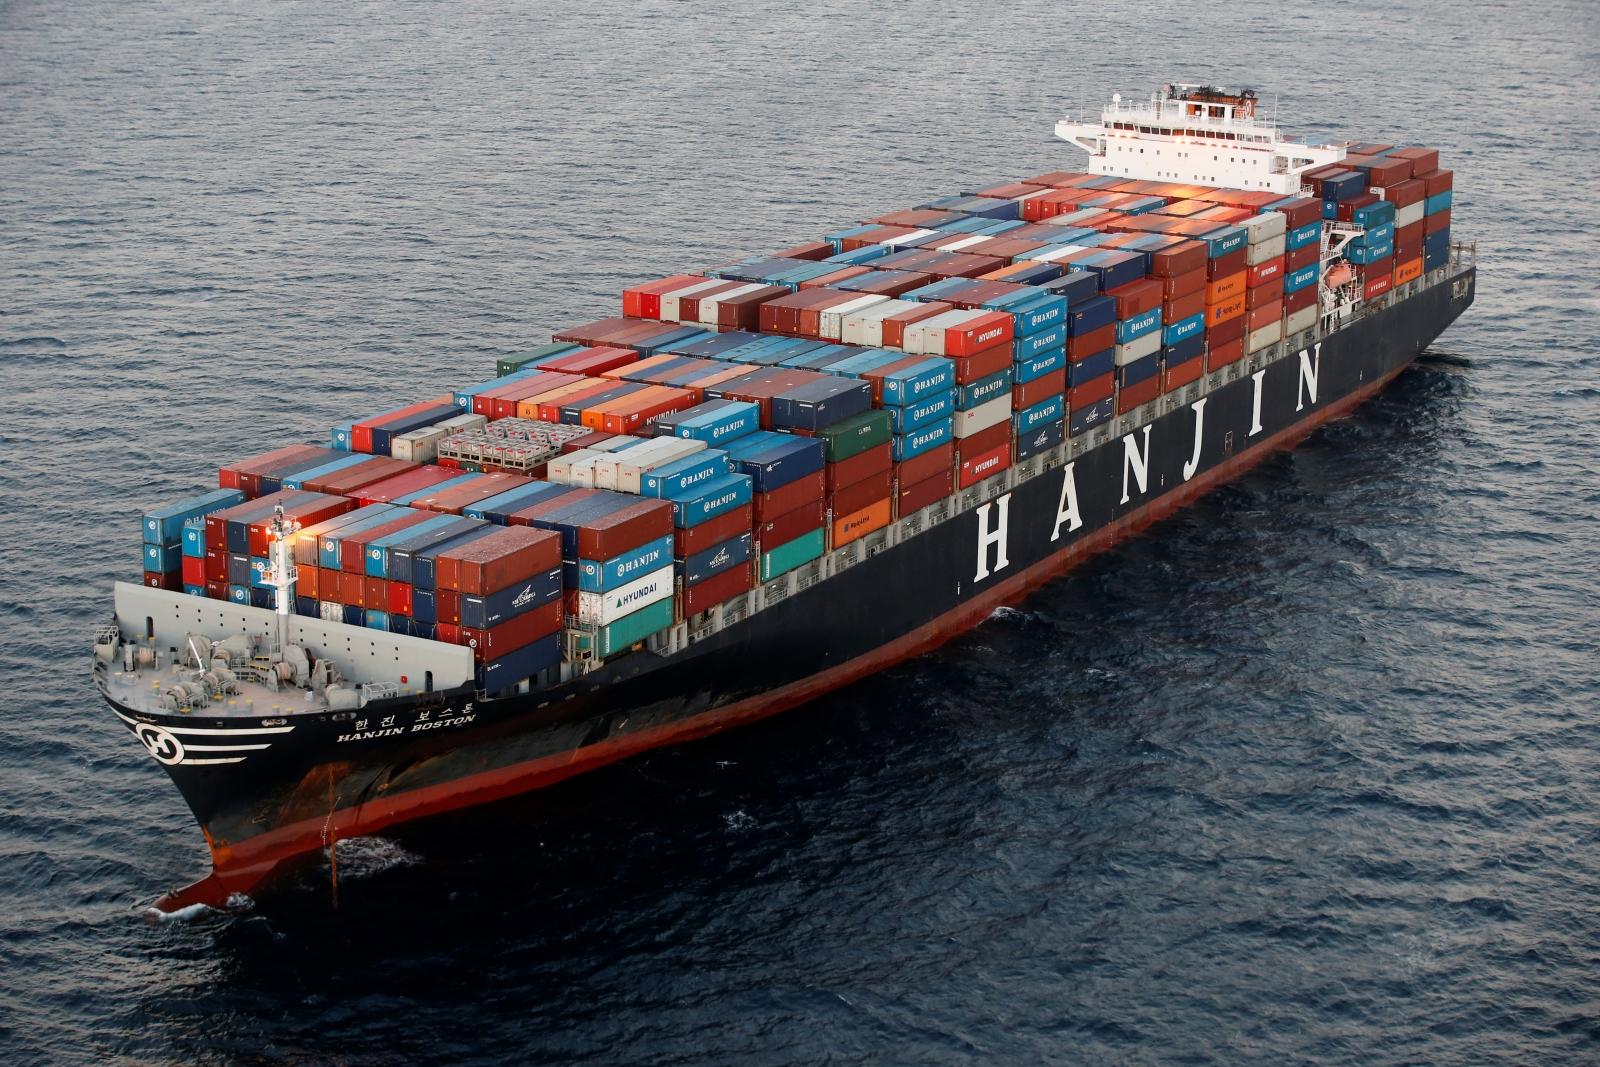 Samsung Hanjin cargo ship